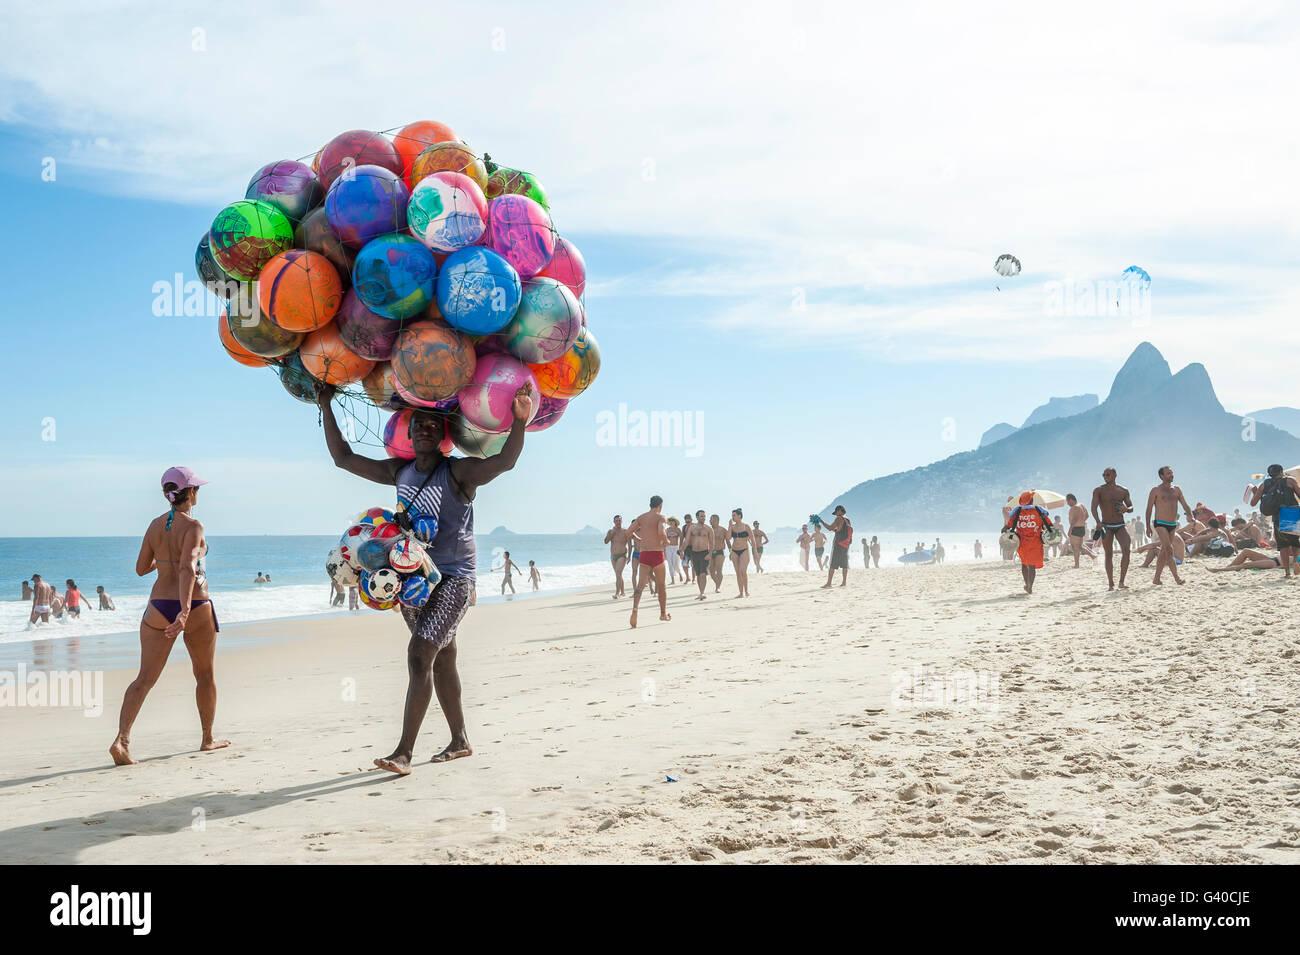 RIO DE JANEIRO - 20 de enero de 2013: Playa proveedor de colorida balones de playa lleva su mercancía a lo Imagen De Stock